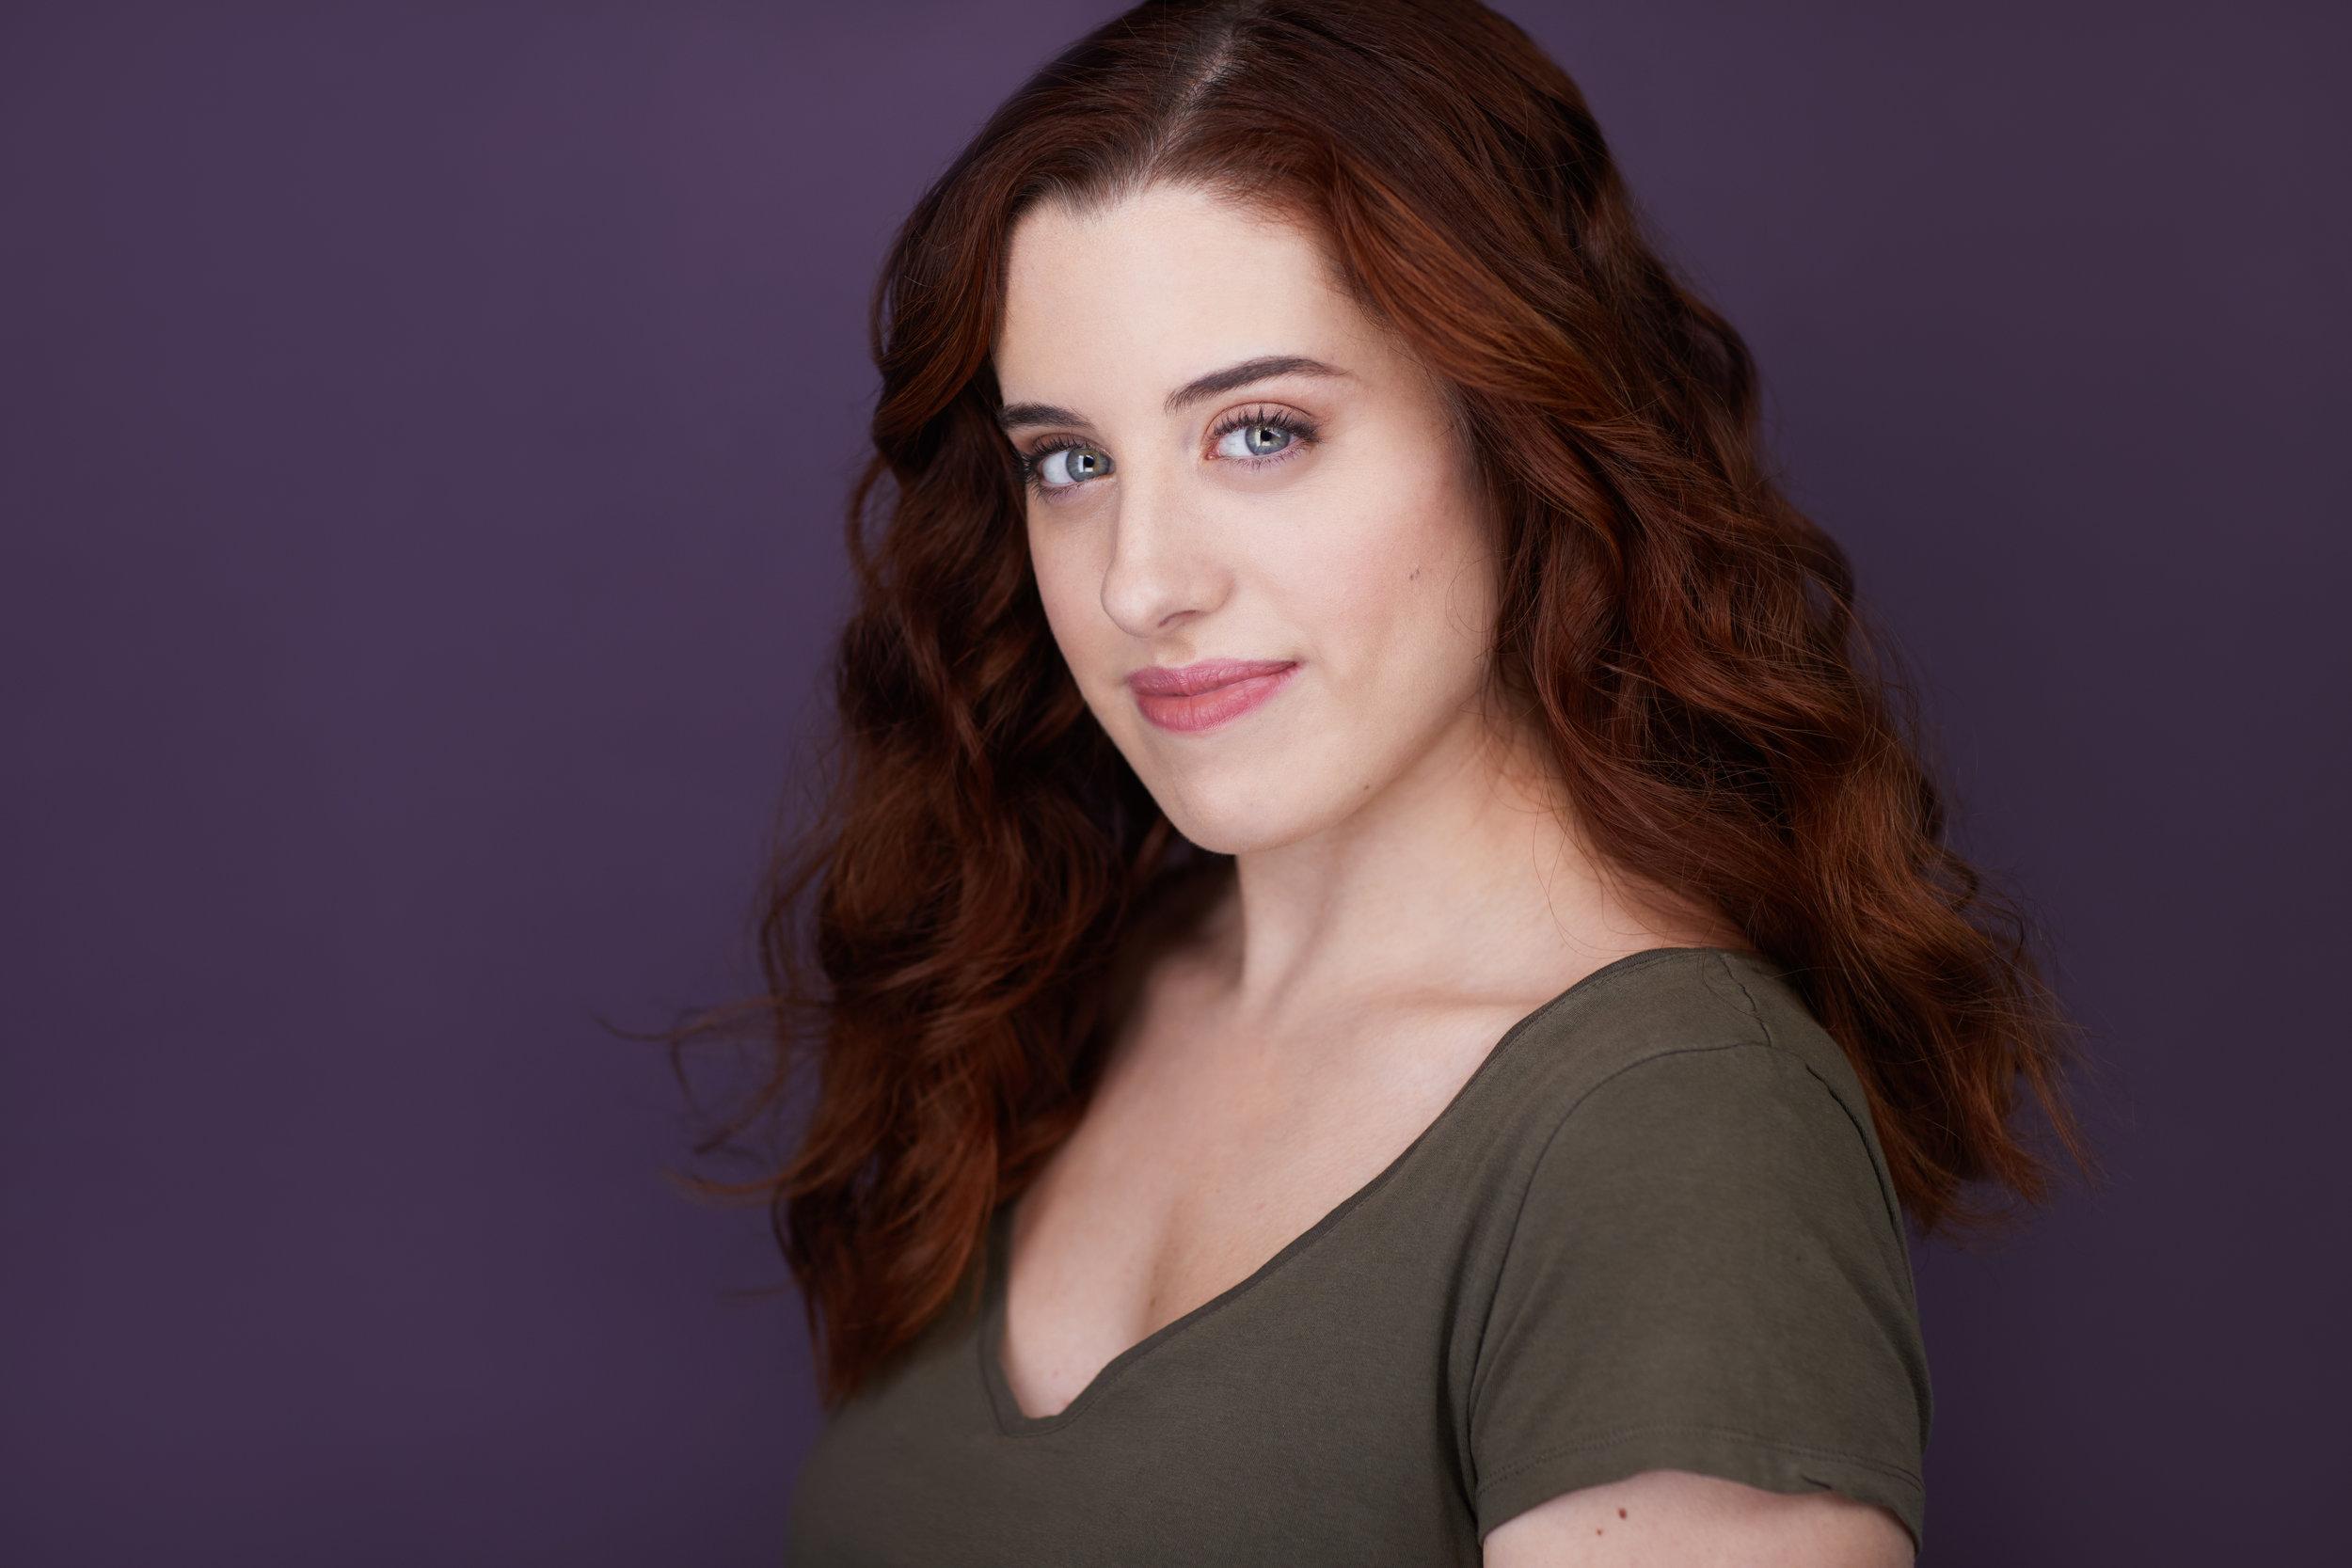 LaurenWohlmacherHeadshot2017.jpg